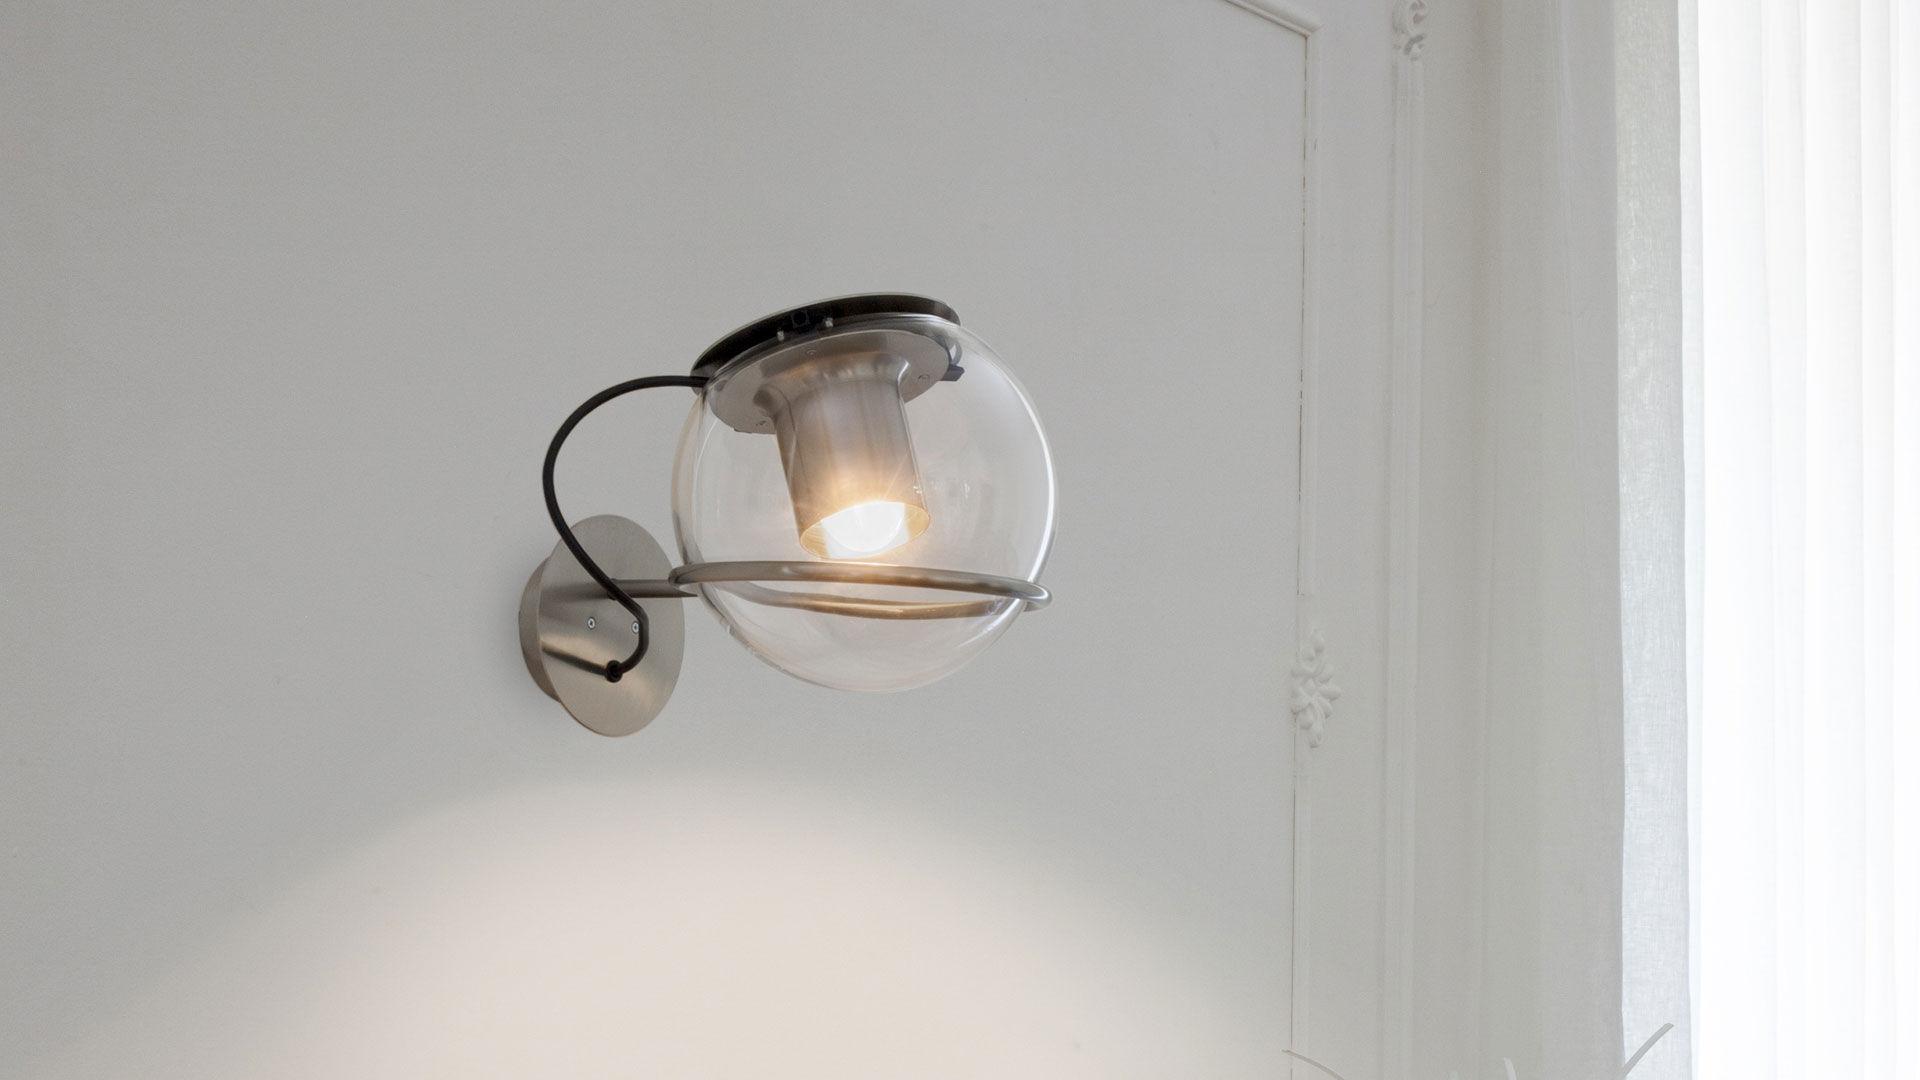 Applique moderna in metallo in vetro soffiato a